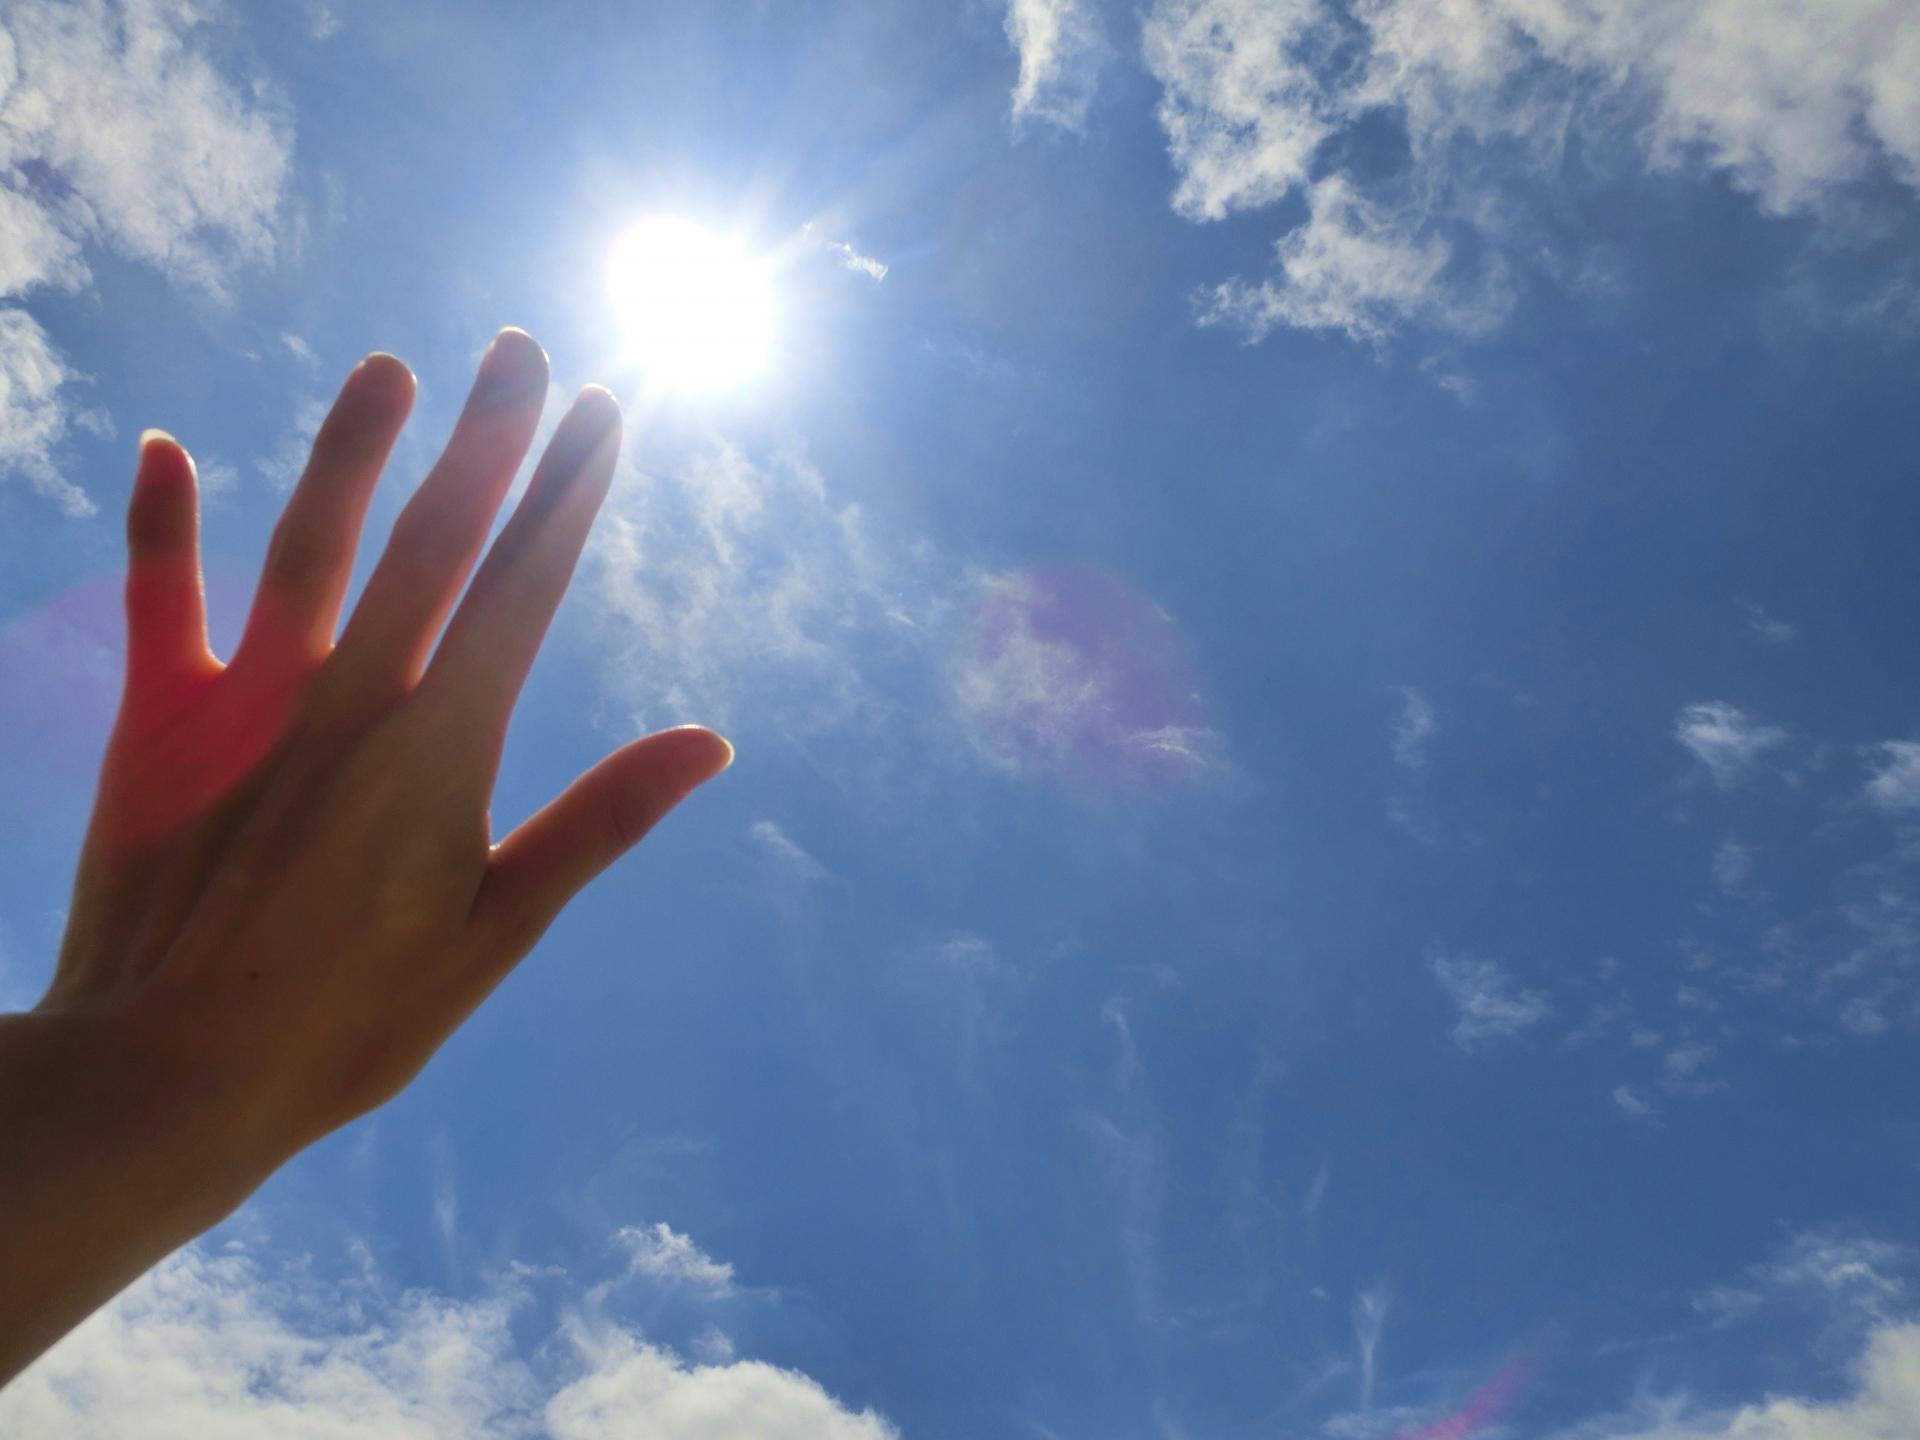 紫外線対策は万全?サングラスの話し。